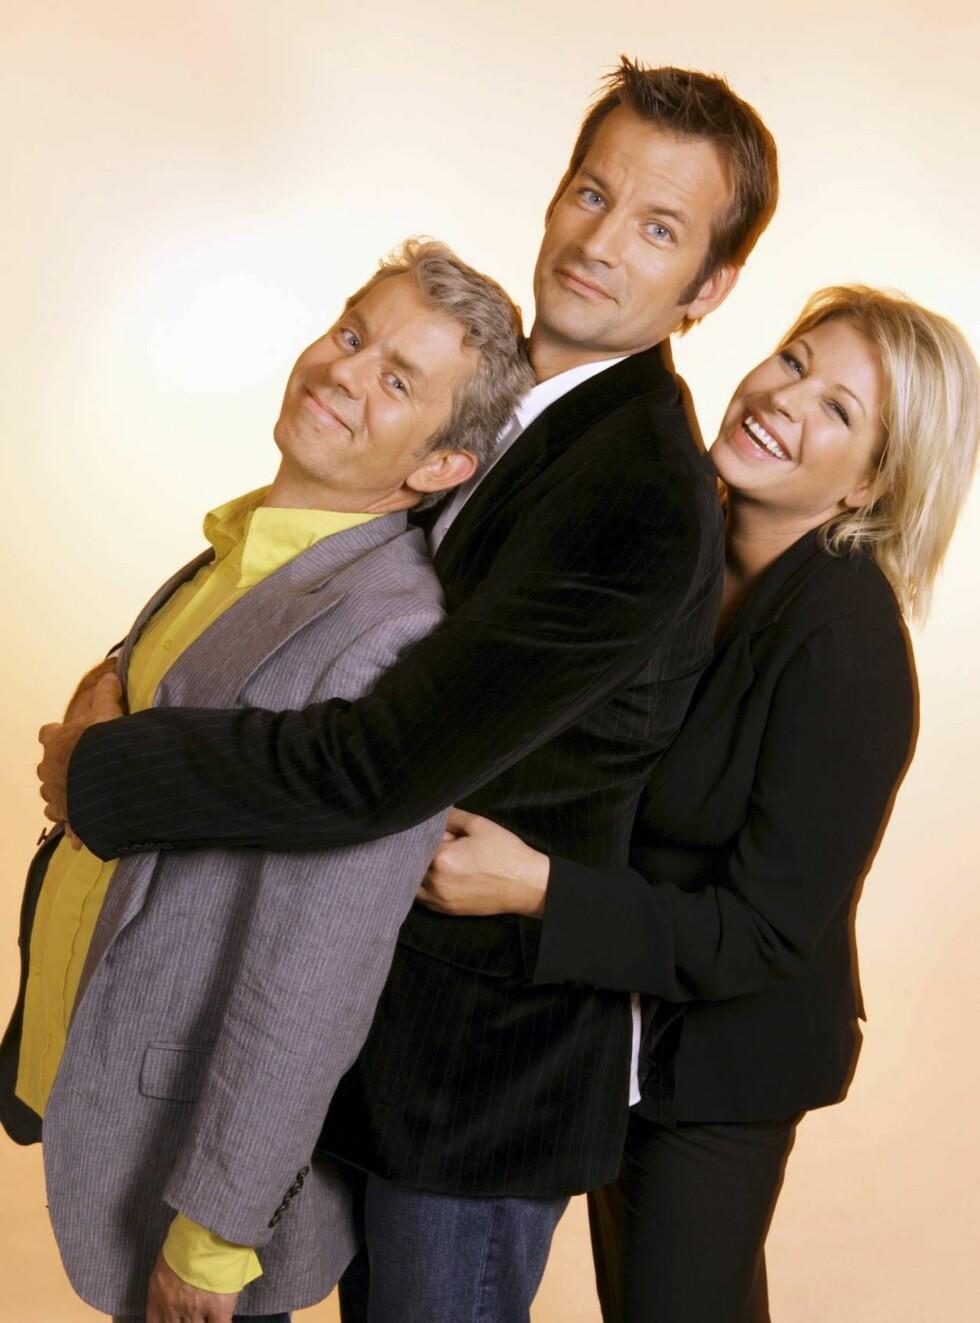 FESTLIG GJENSYN: Norges mest populære trio vender tilbake. Foto: NRK